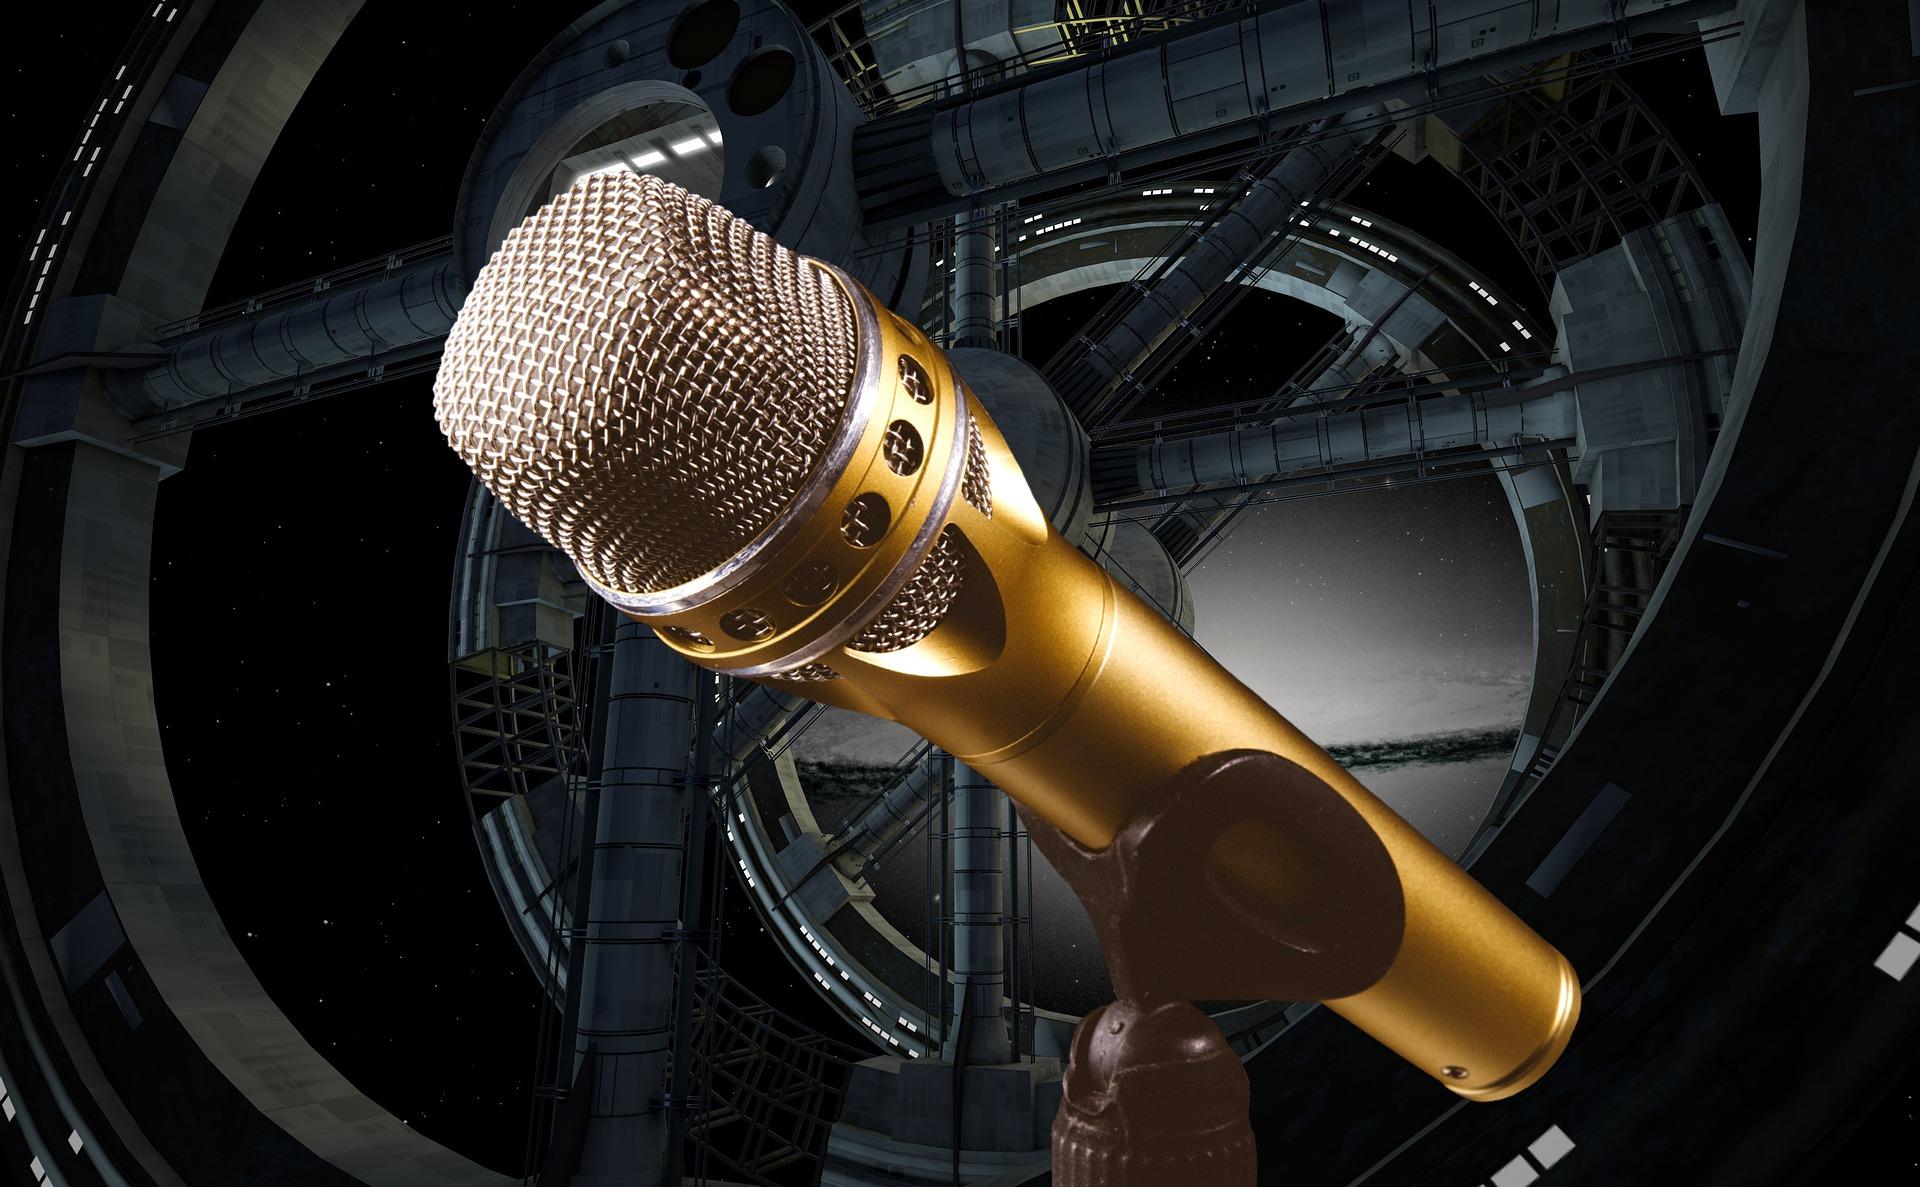 Рейтинг лучших студийных микрофонов на 2020 год